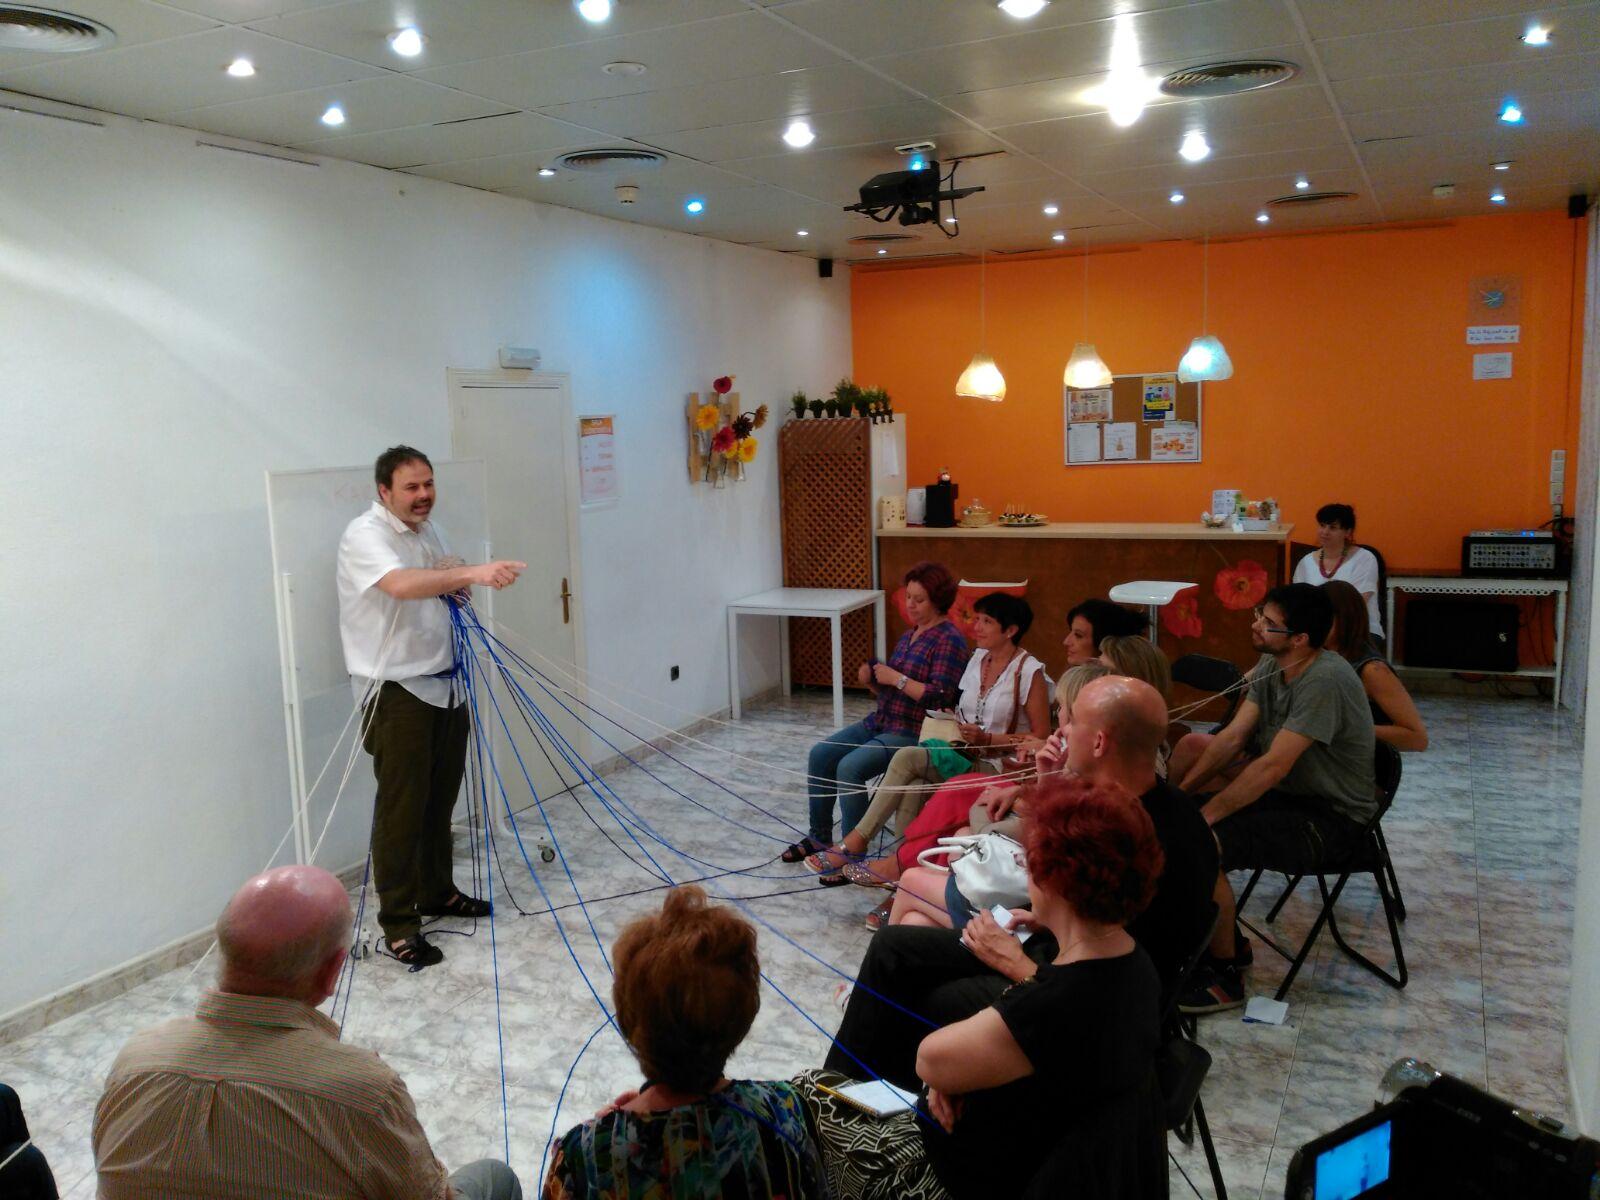 nueva acropolis conferencis zaragoza